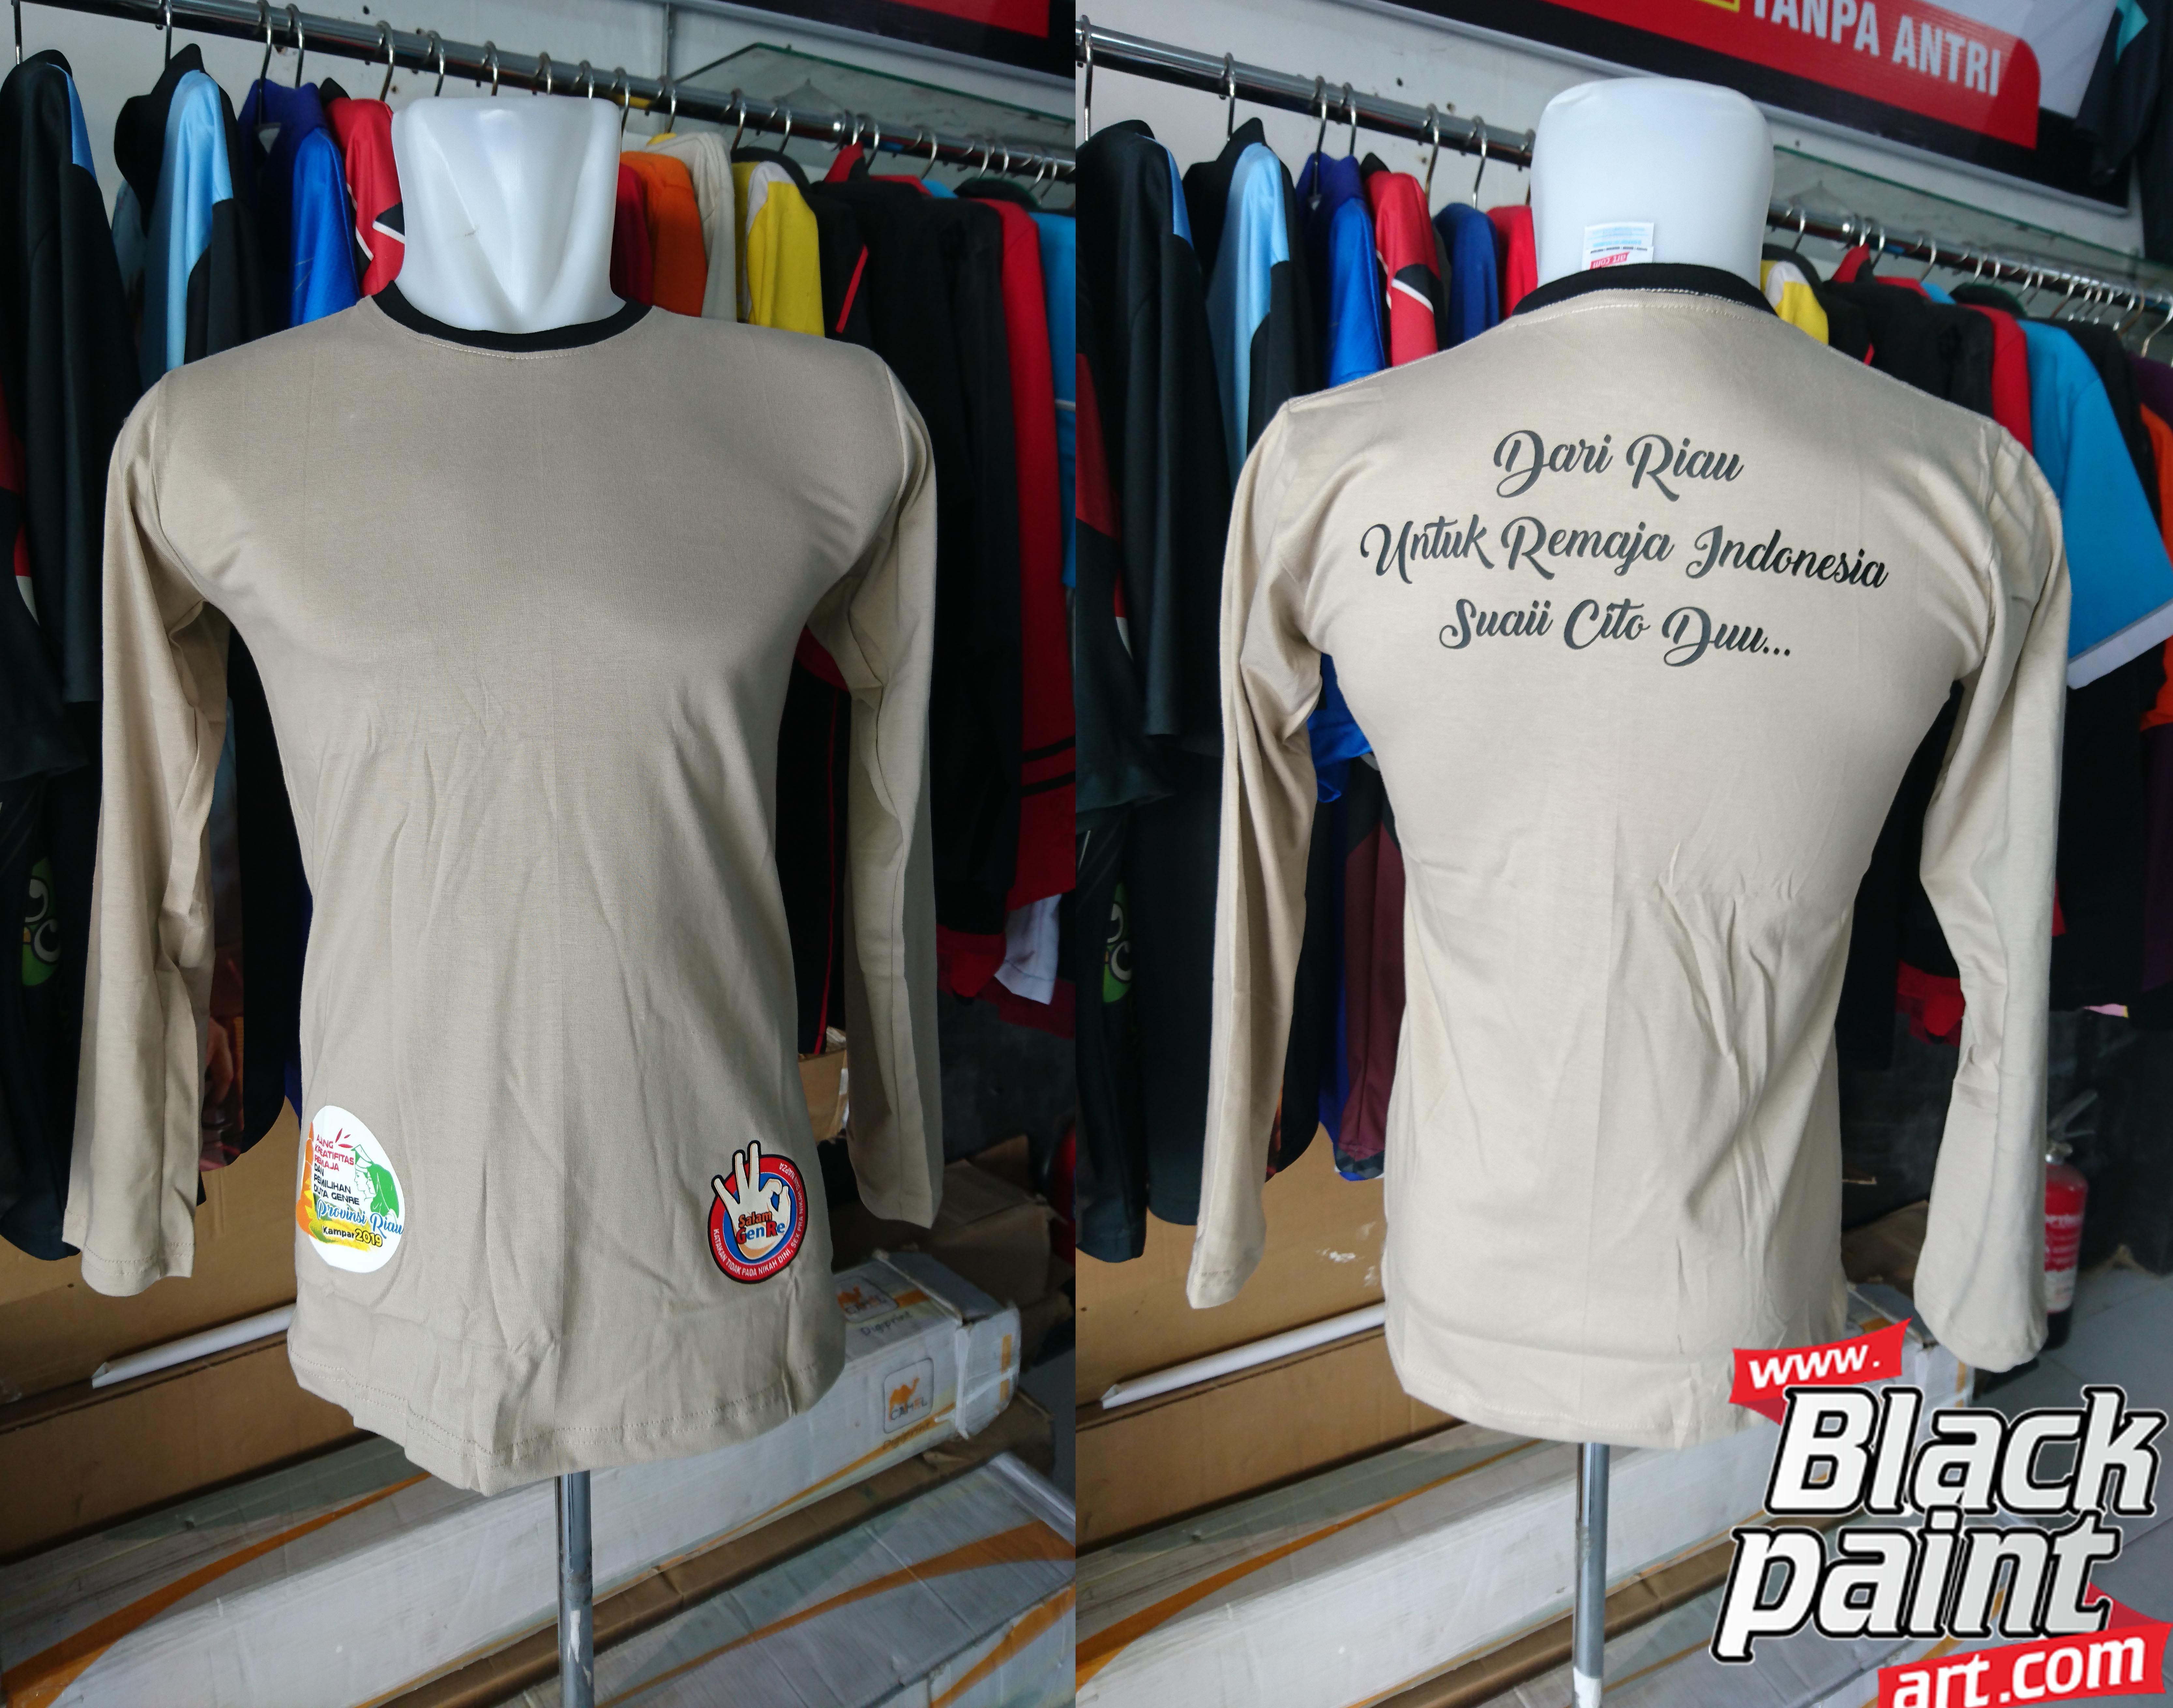 Di Blackpaint Art, kamu bisa pesan sablon baju kaos dengan harga bersaing dan bisa di proses dengan cepat.